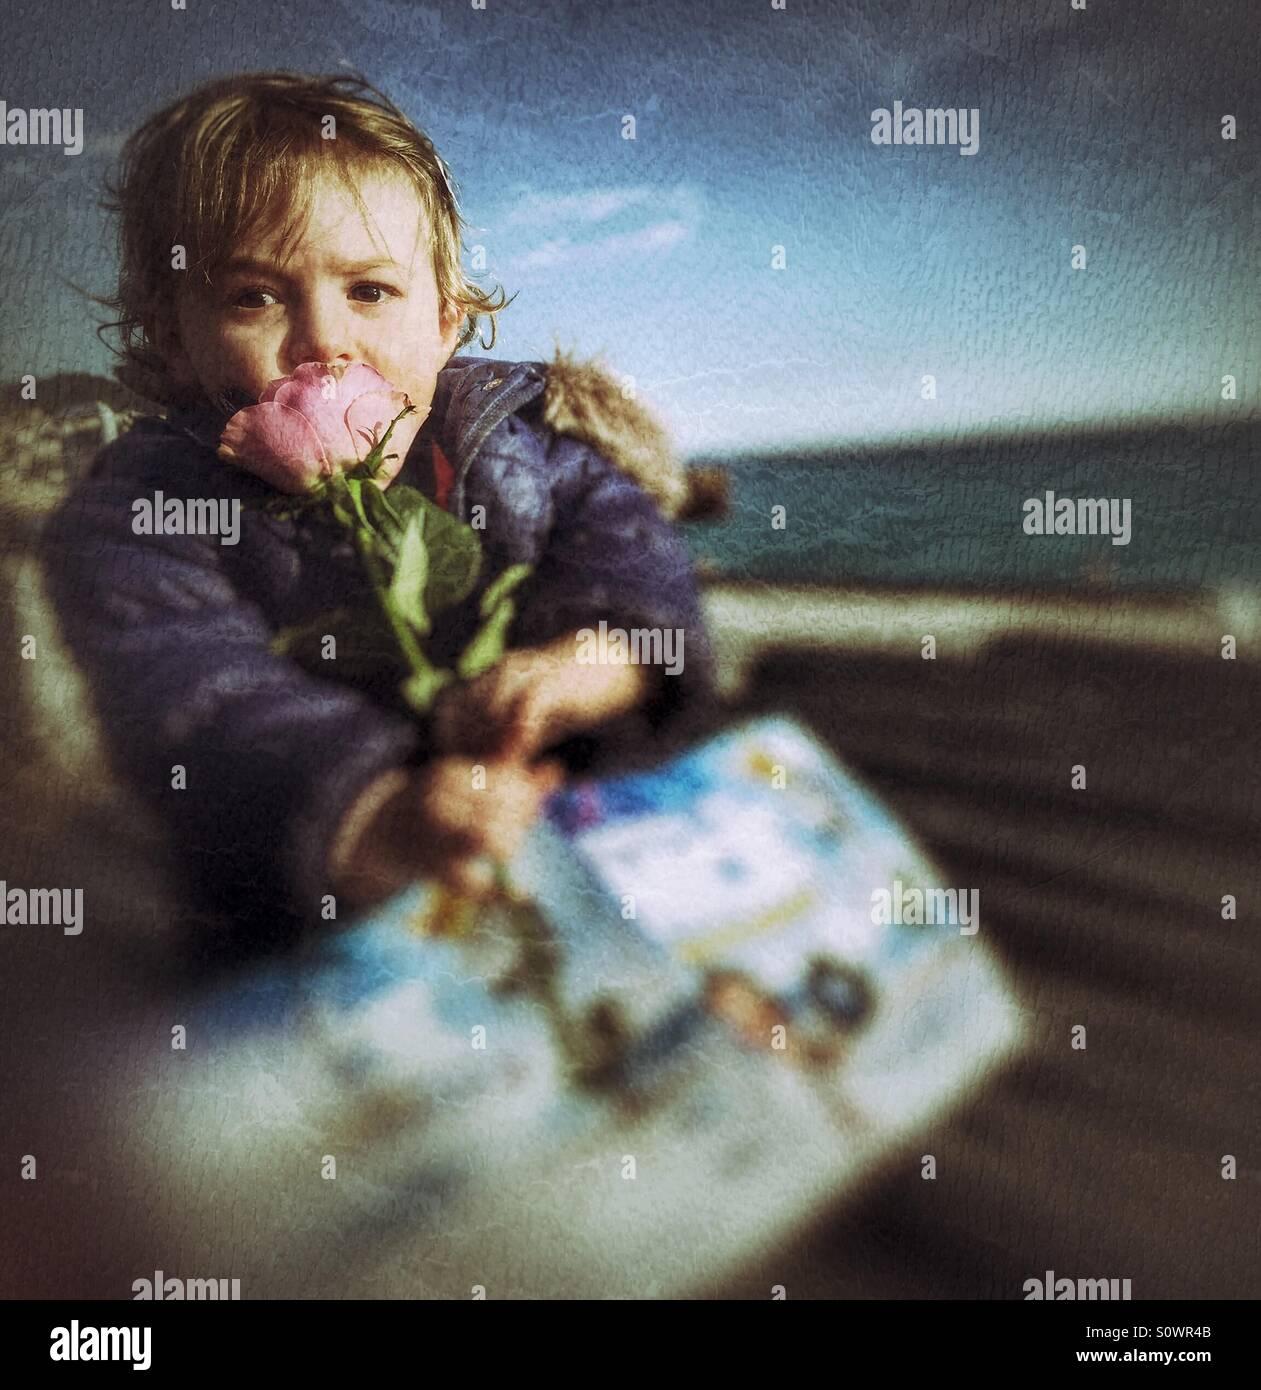 Un anno di età del bambino fiore di contenimento Immagini Stock